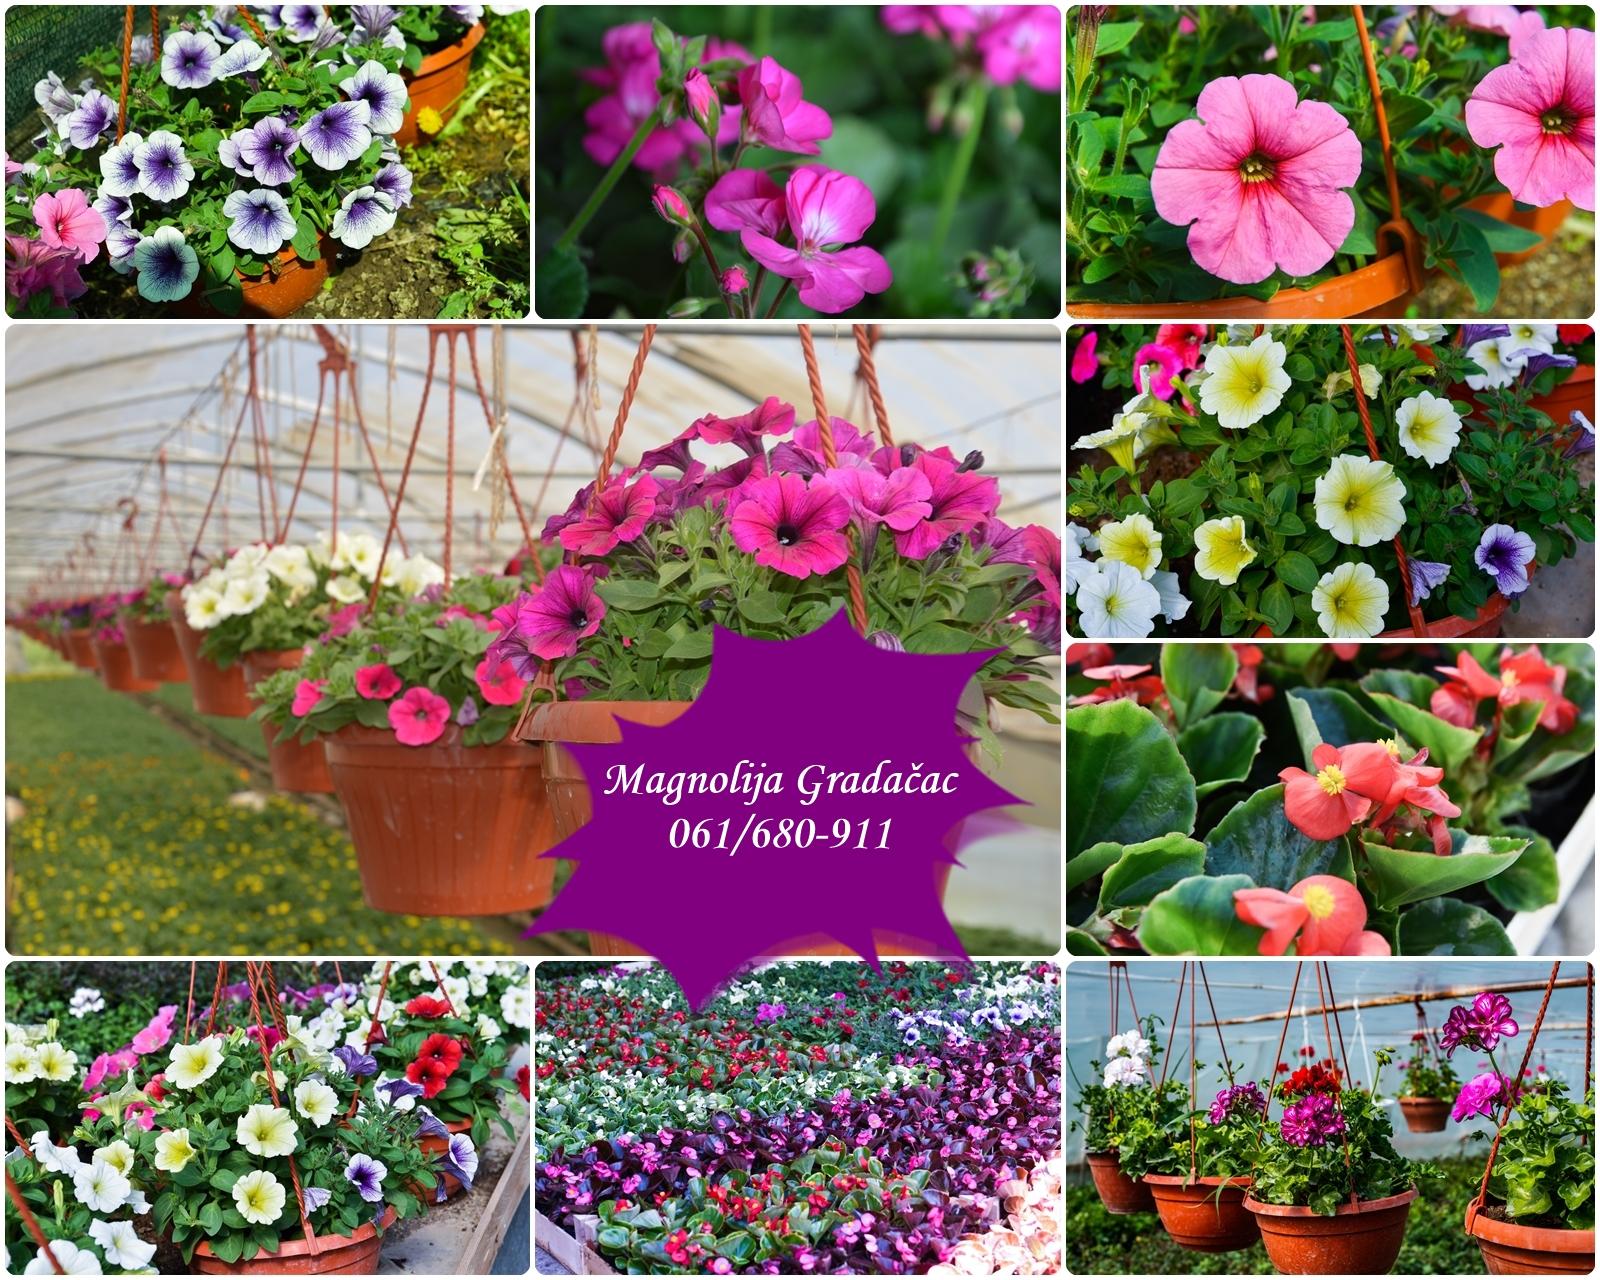 FOTO: Balkoni i dvorišta širom BiH ukrašeni cvijećem gradačačke Magnolije